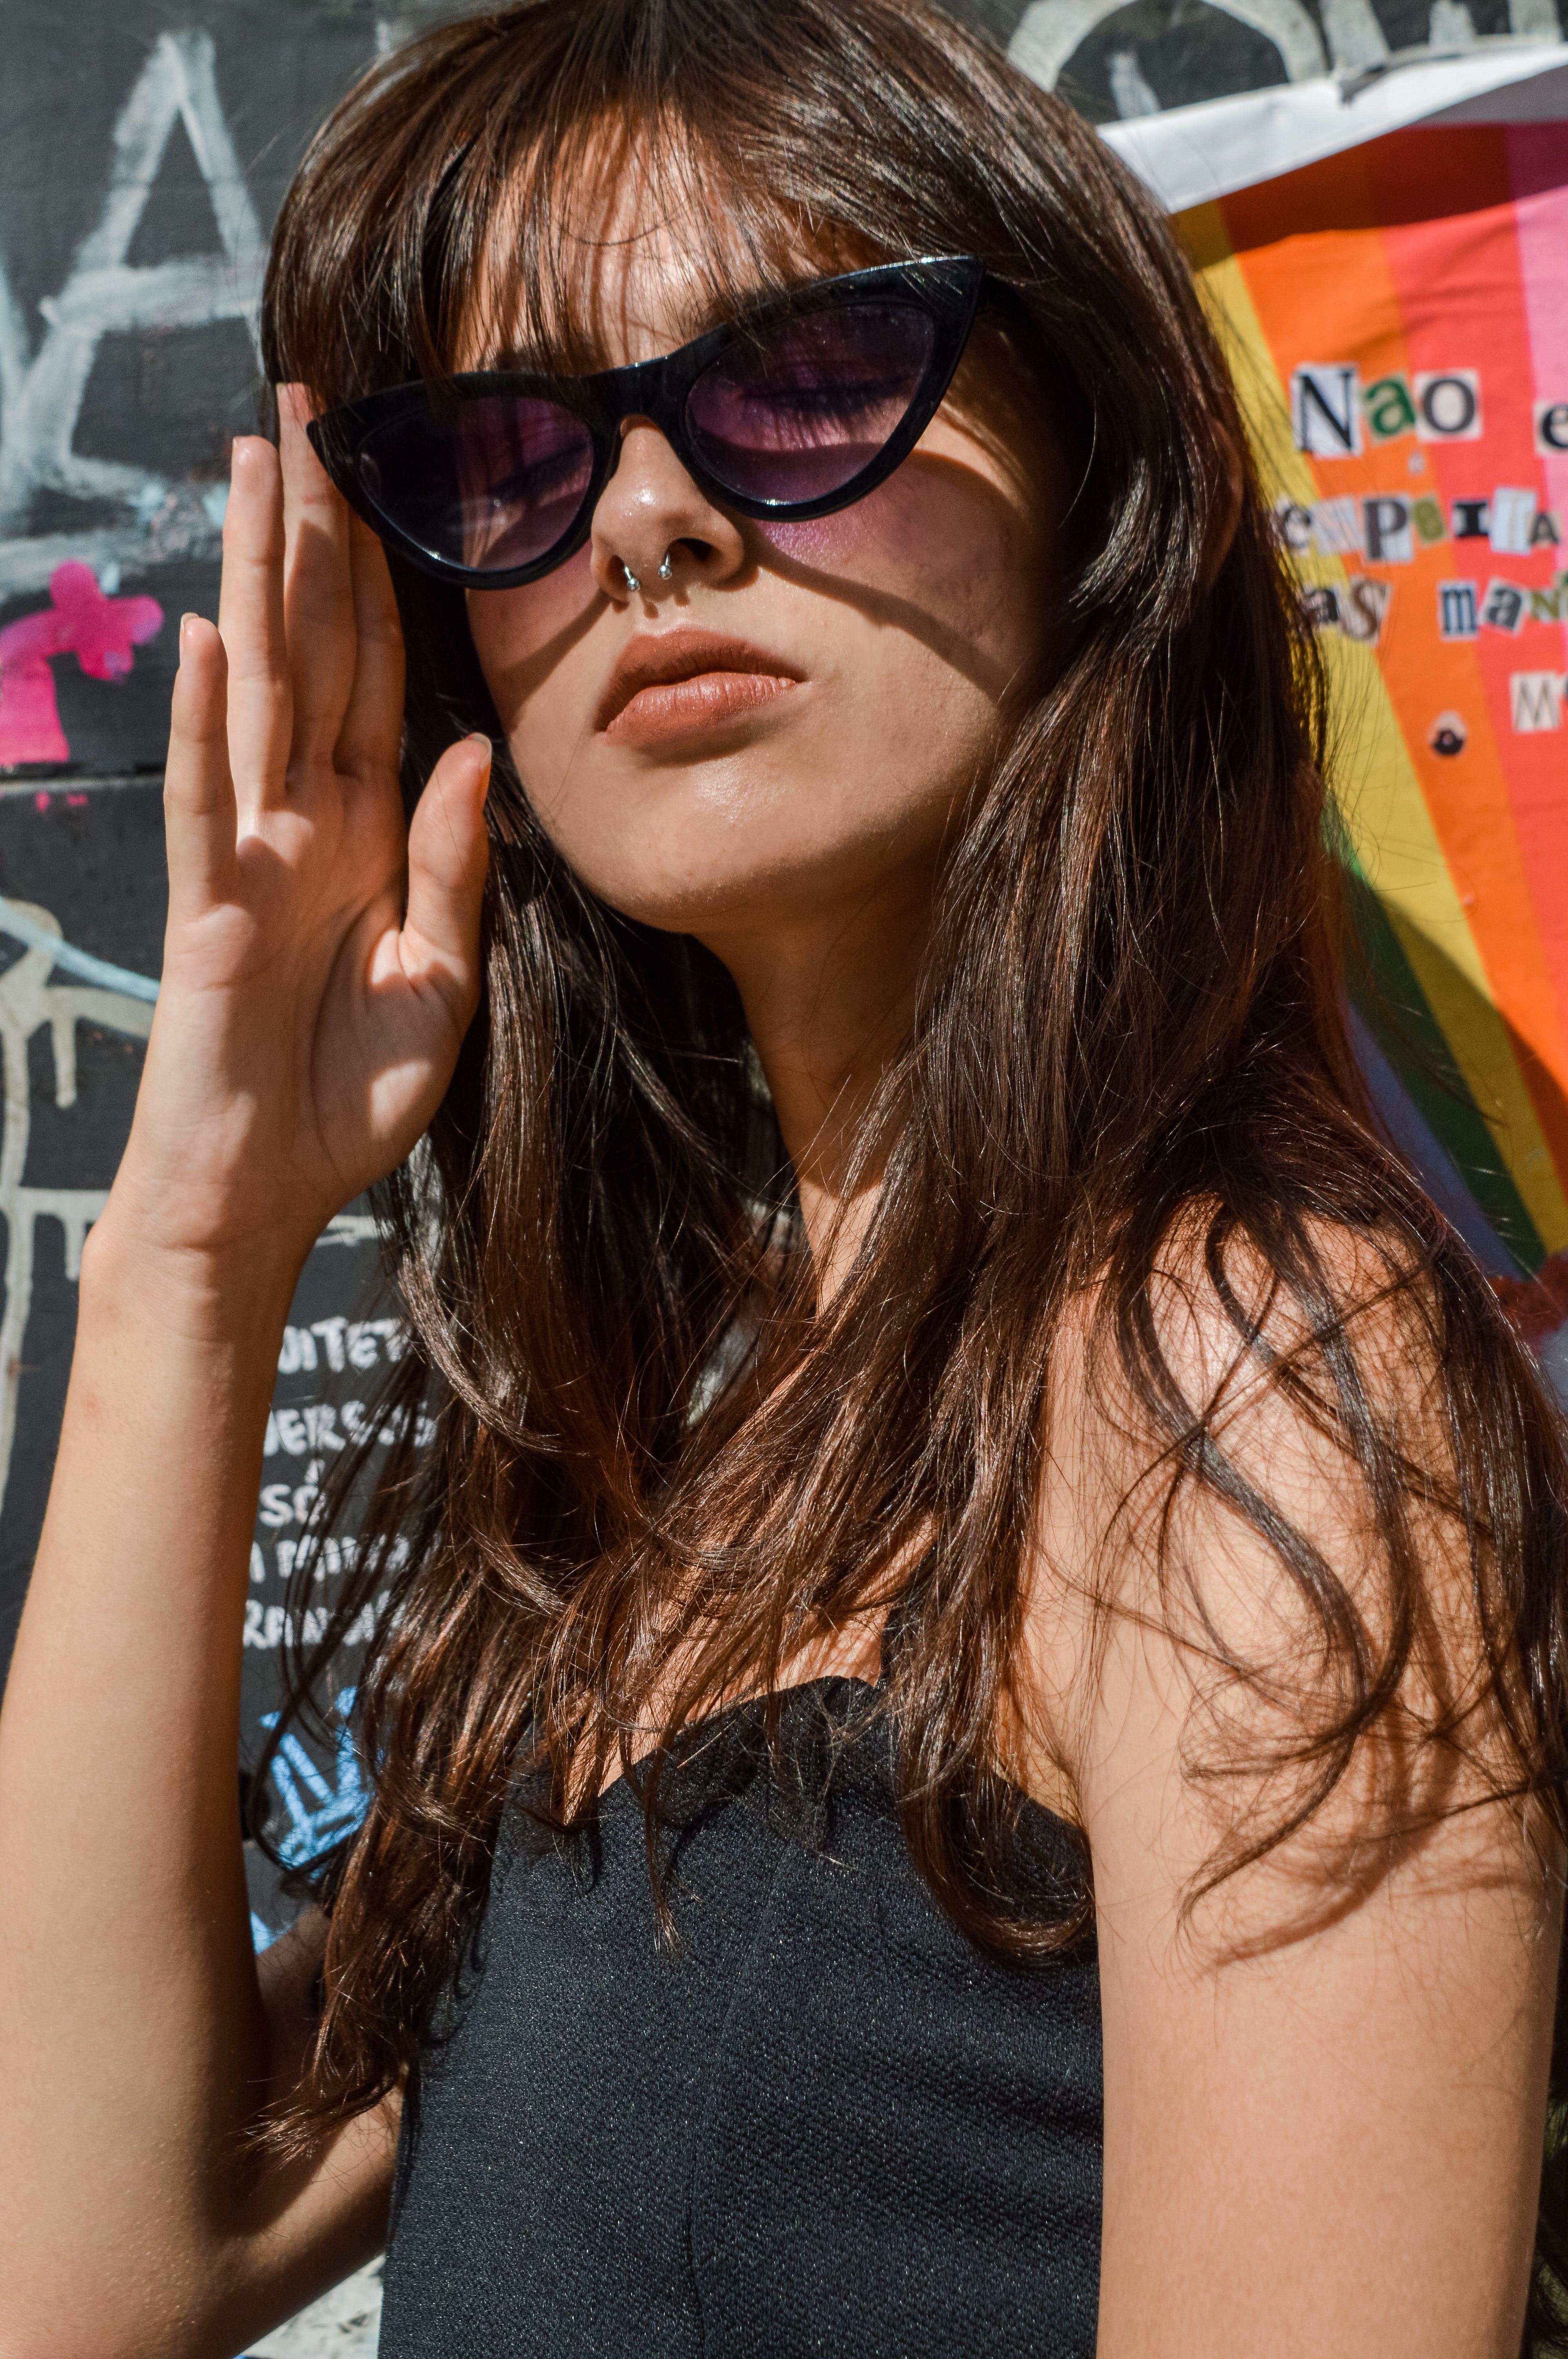 可愛, 墨鏡, 夏天, 女人 的 免費圖庫相片